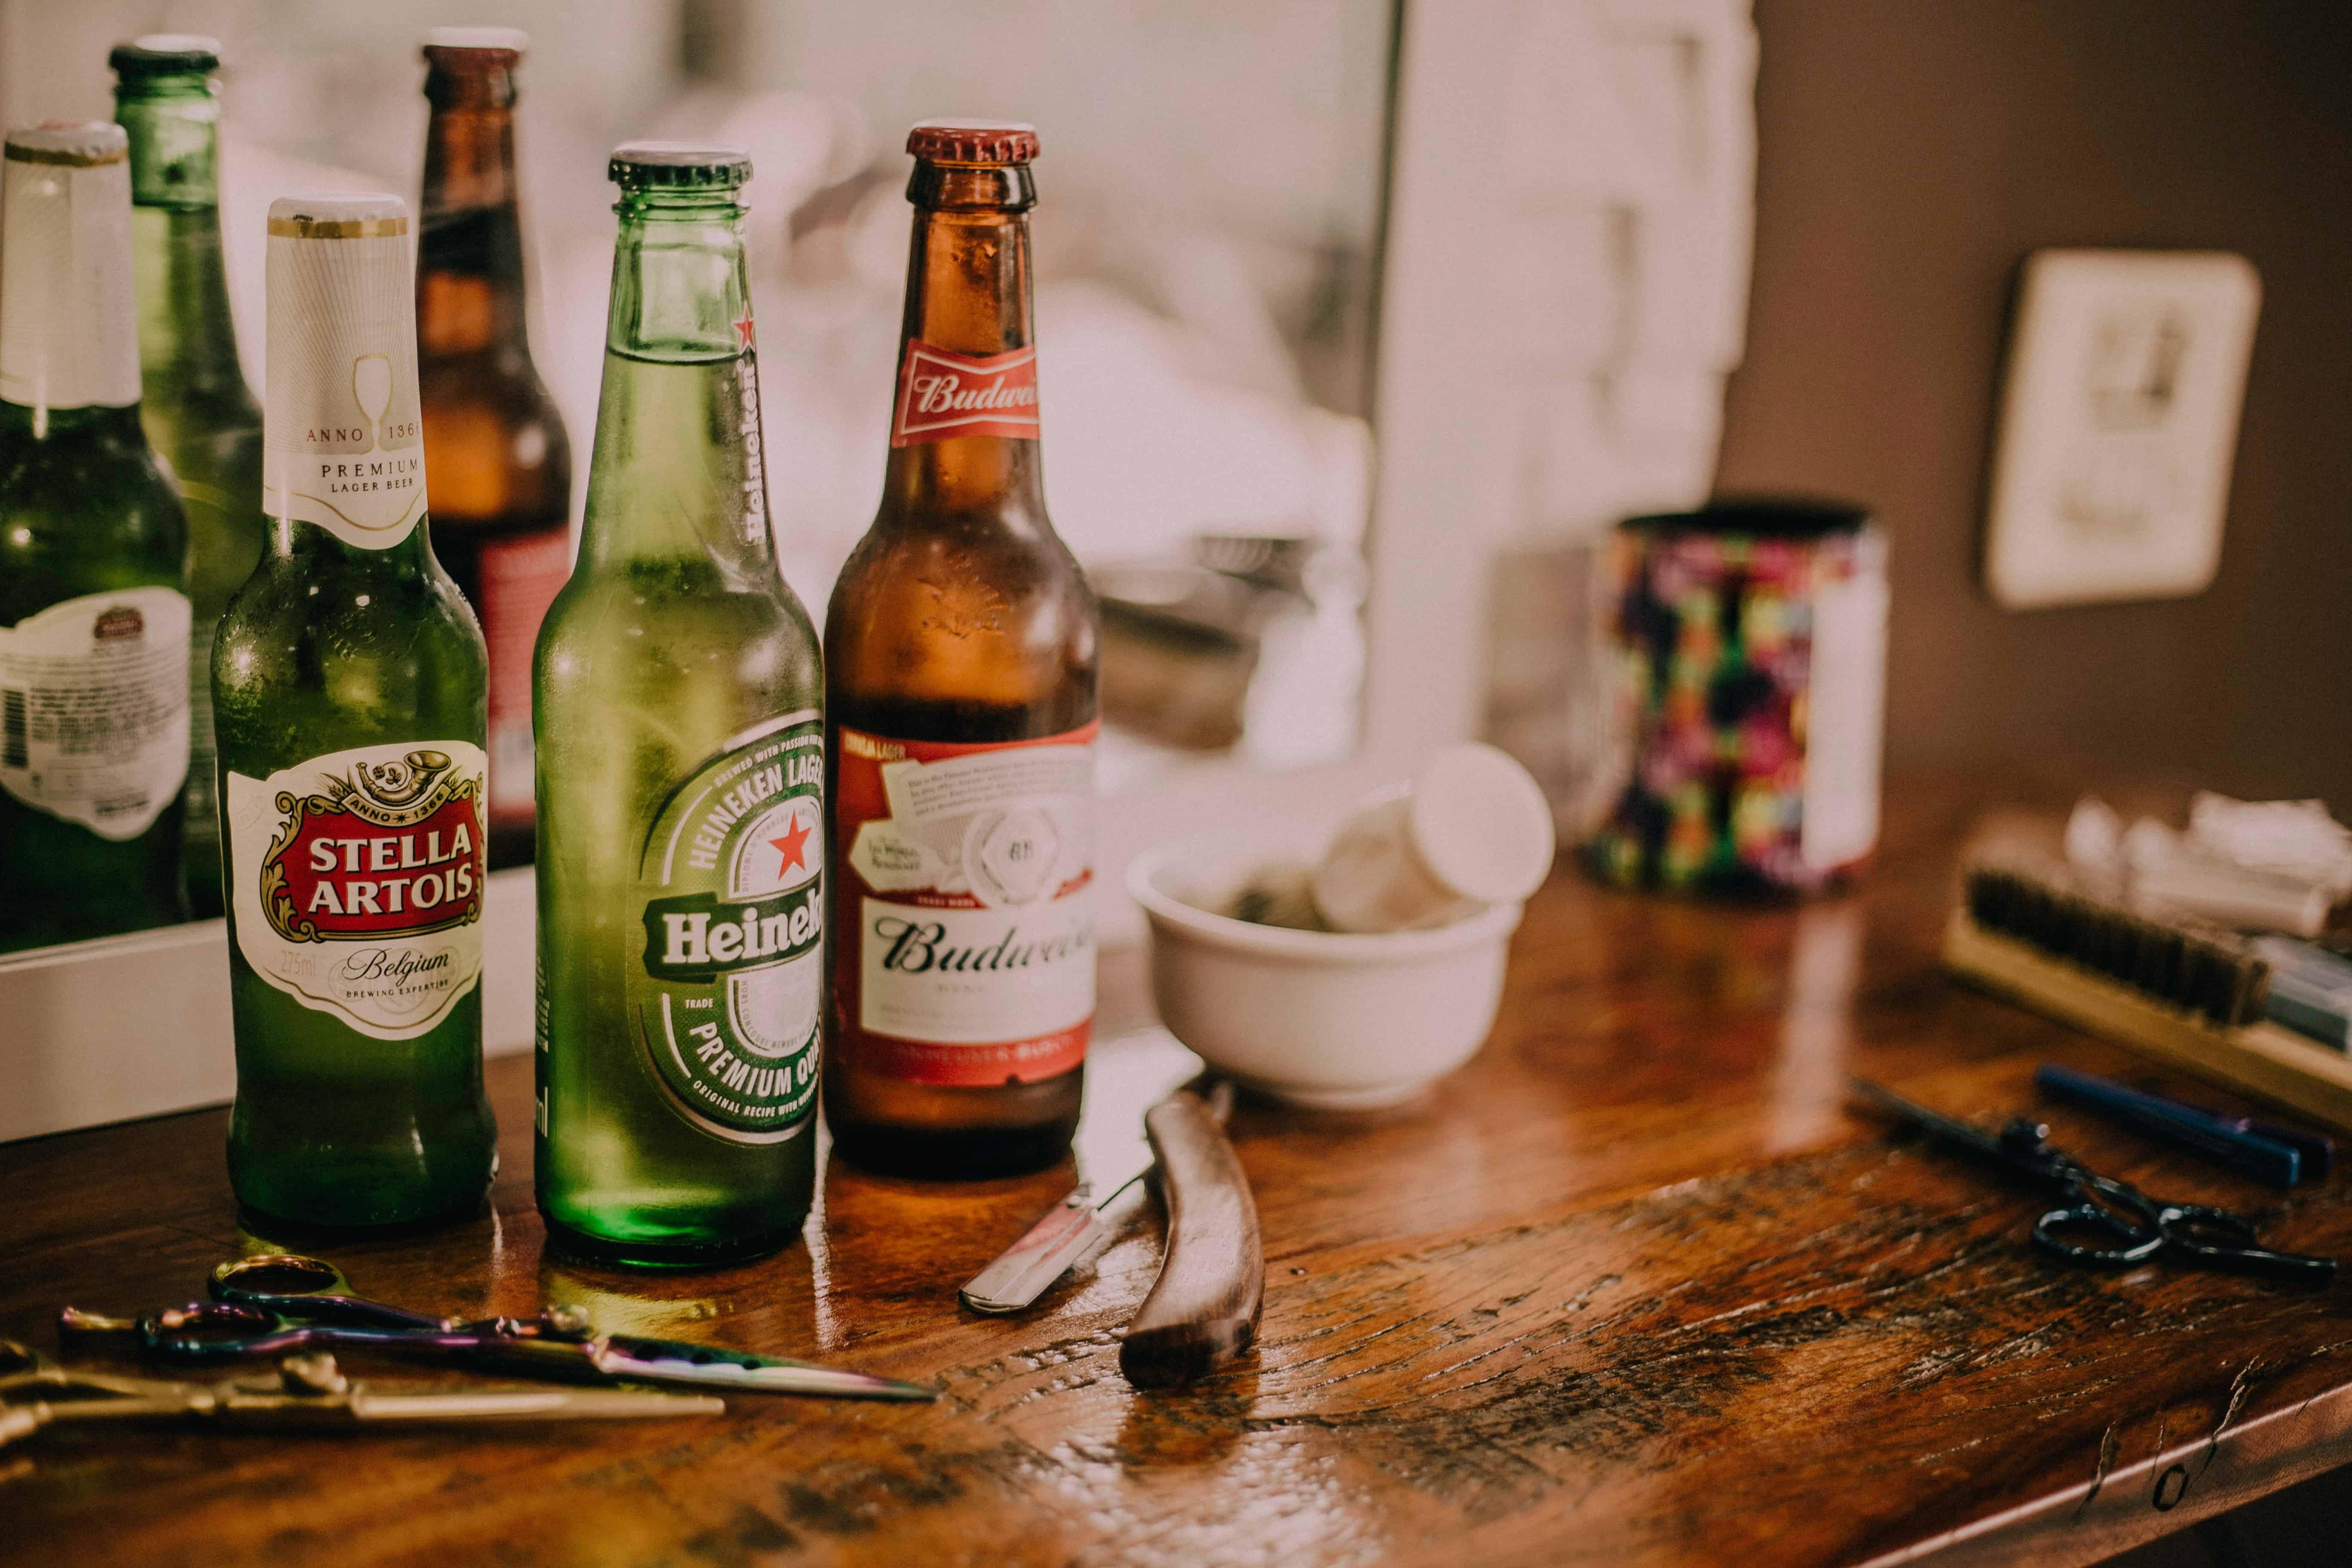 Alcohlism a disability